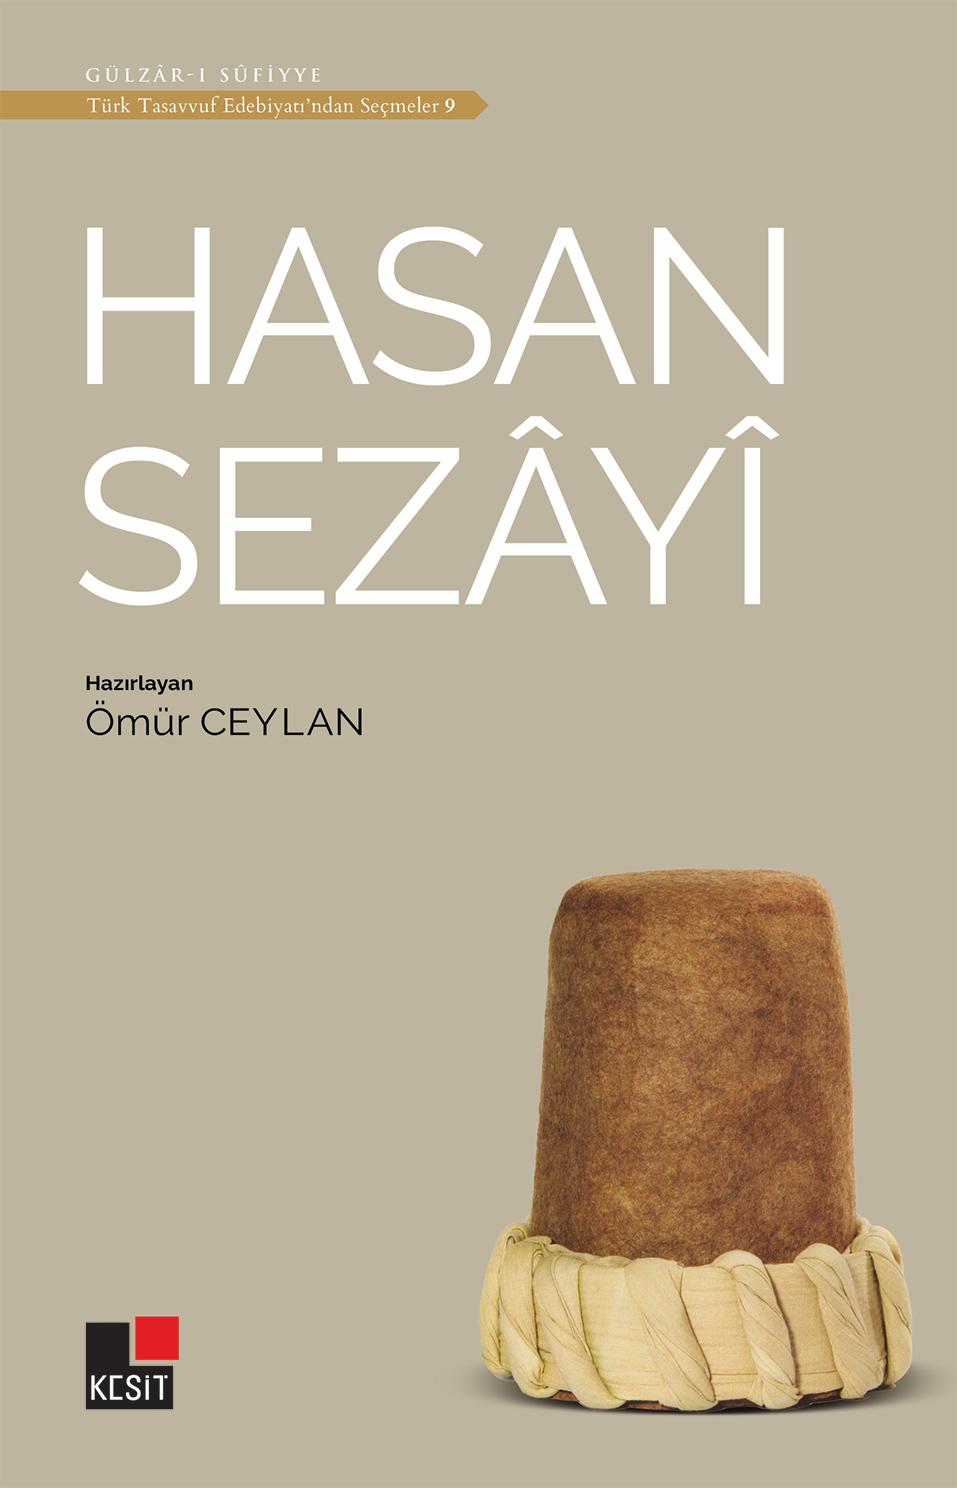 Hasan Sezâyî / Türk tasavvuf edebiyatından seçmeler 9